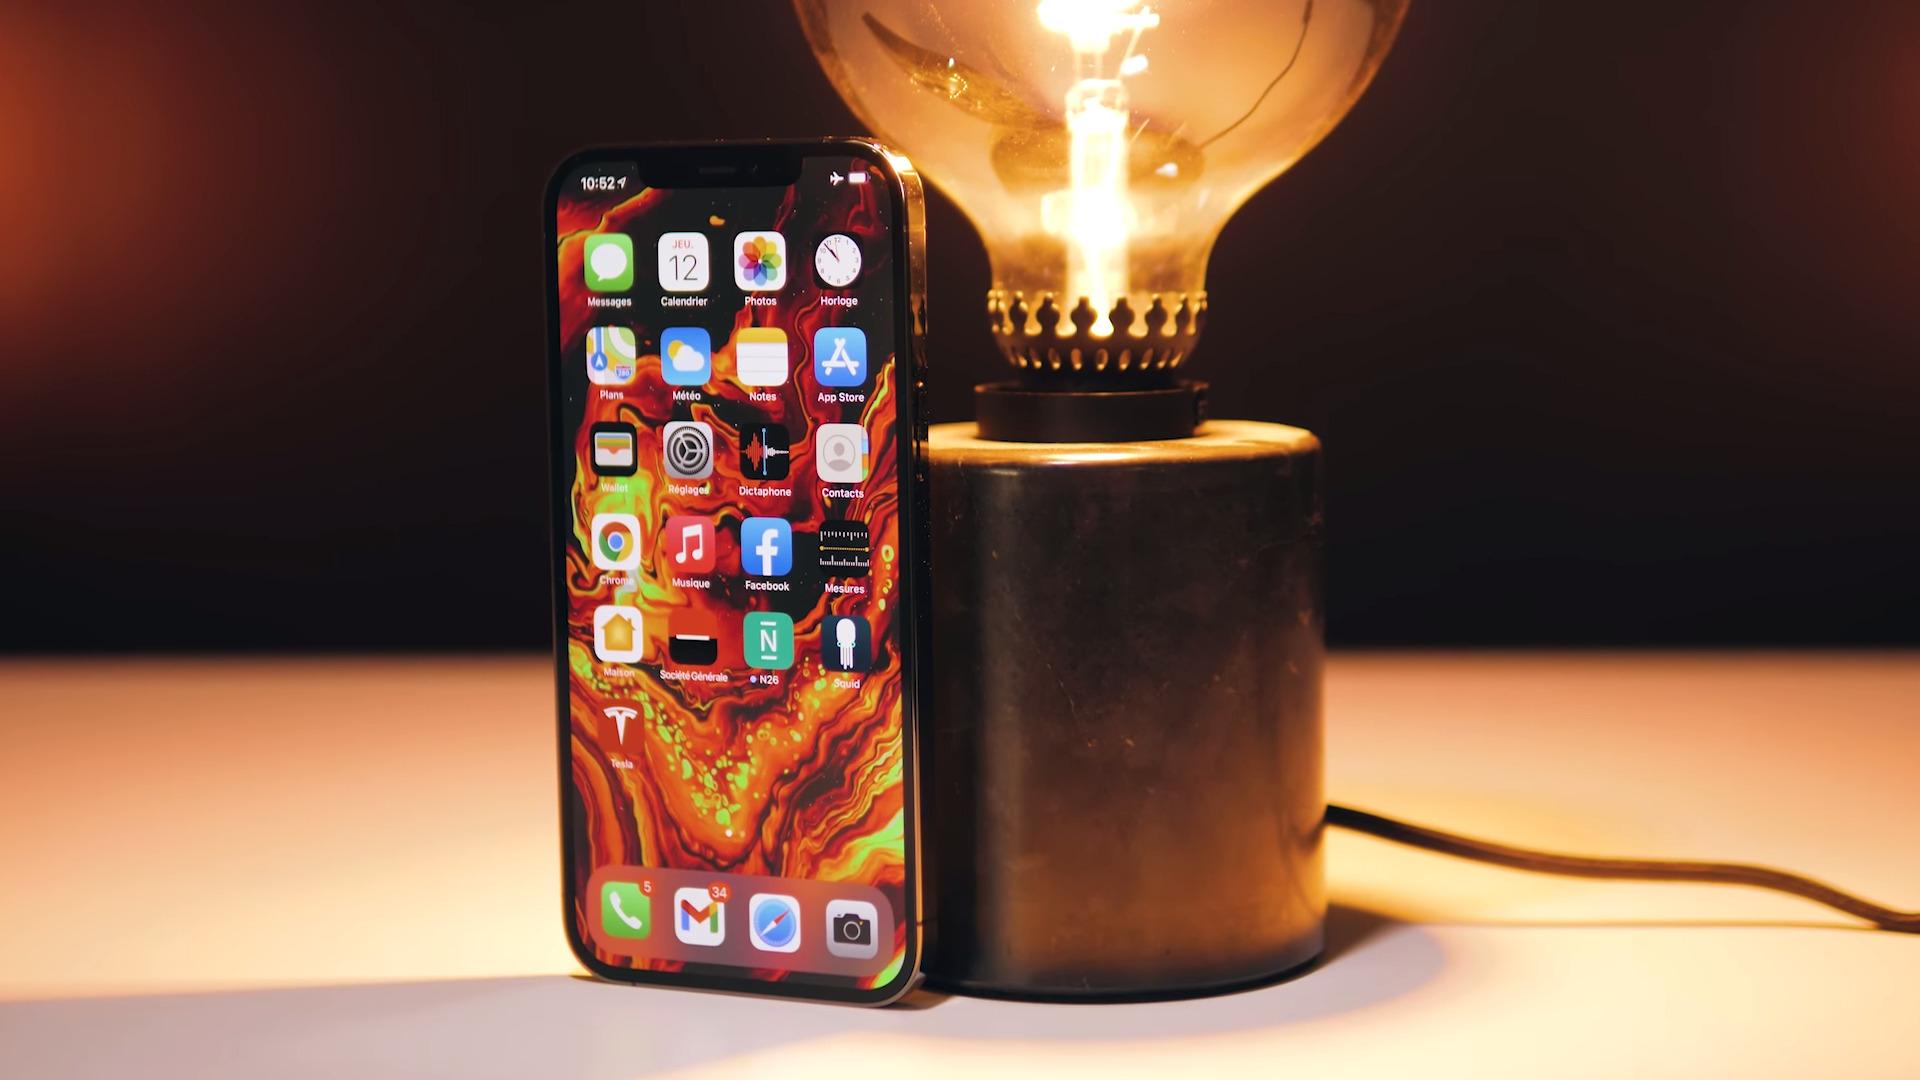 Au fait, pourquoi l'iPhone s'appelle l'iPhone ?